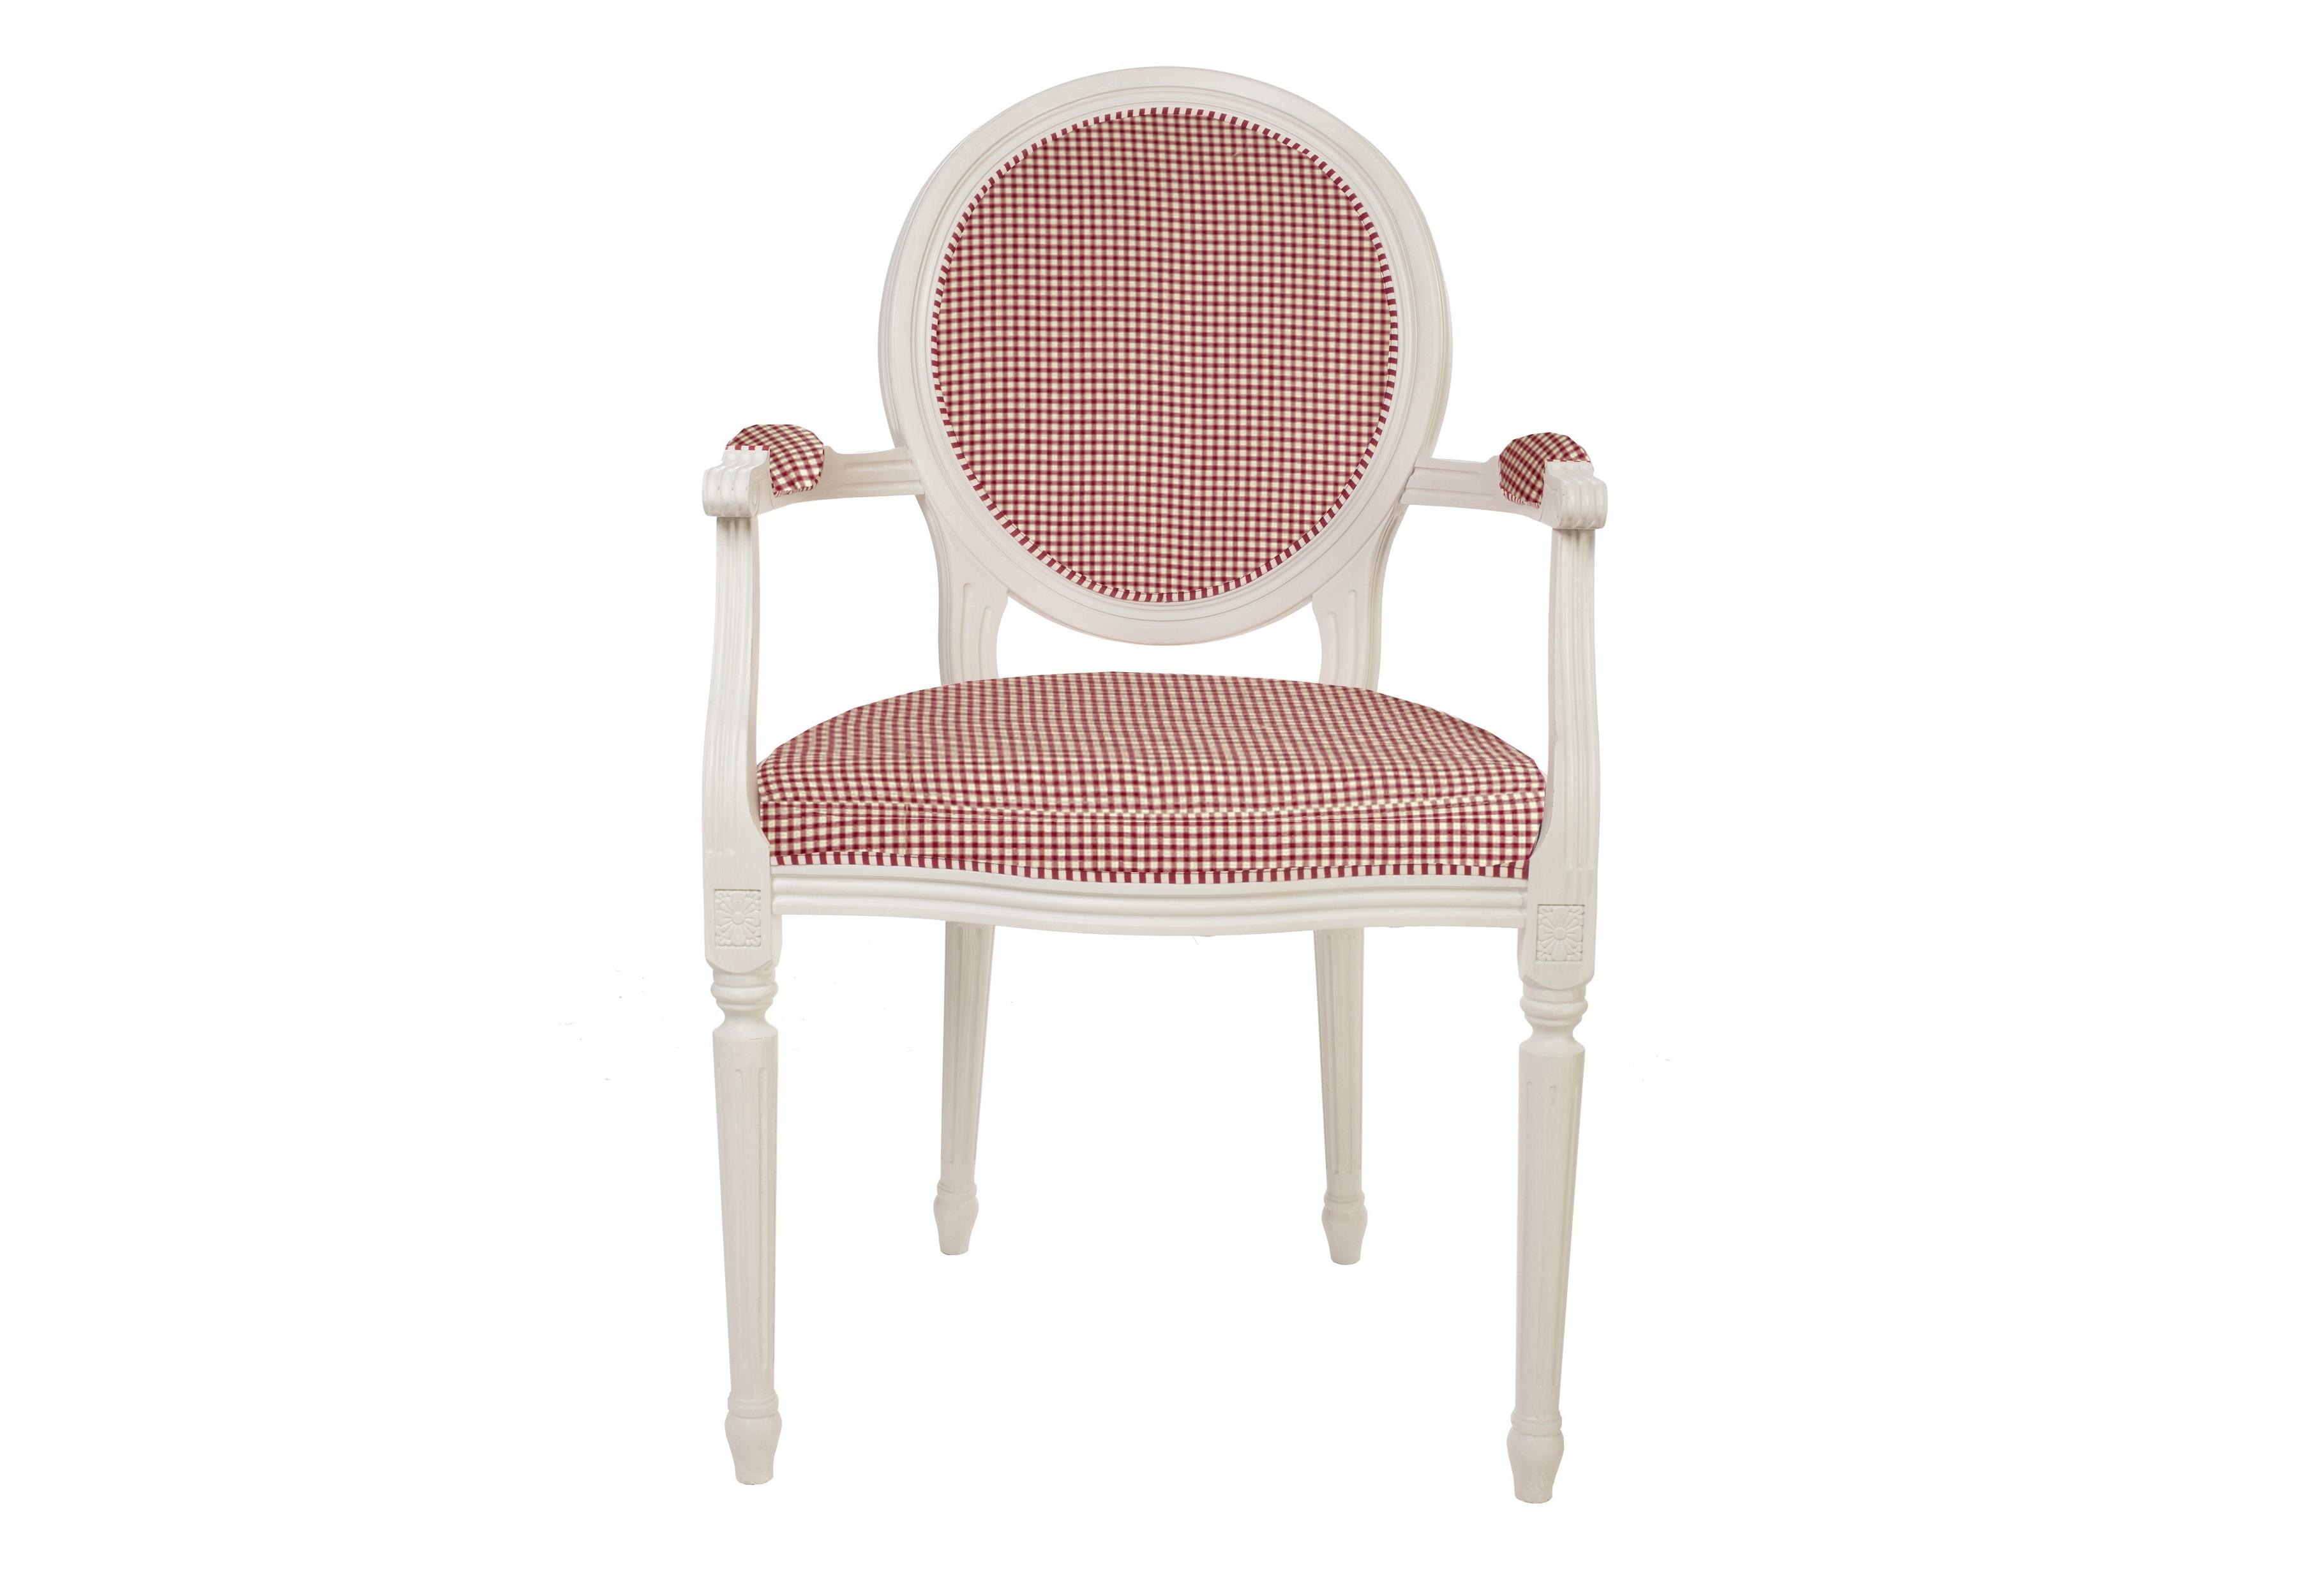 Кресло с обивкой в клетку